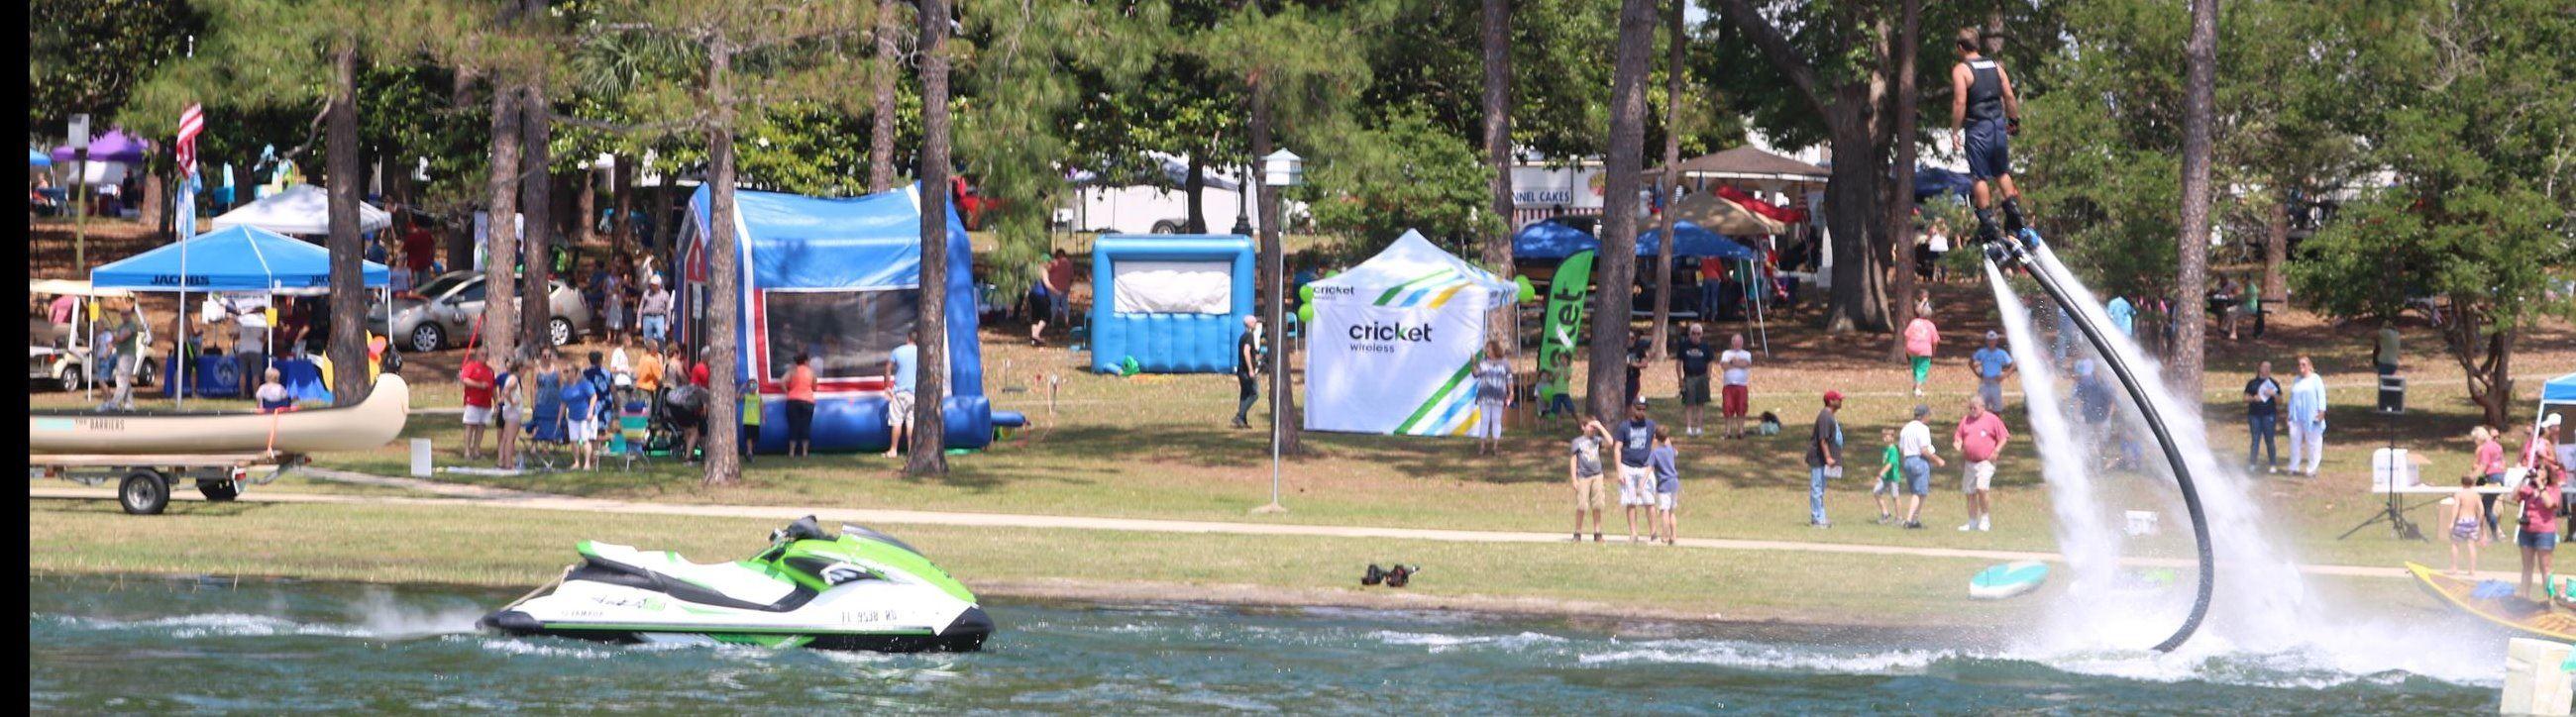 lucky lake festival